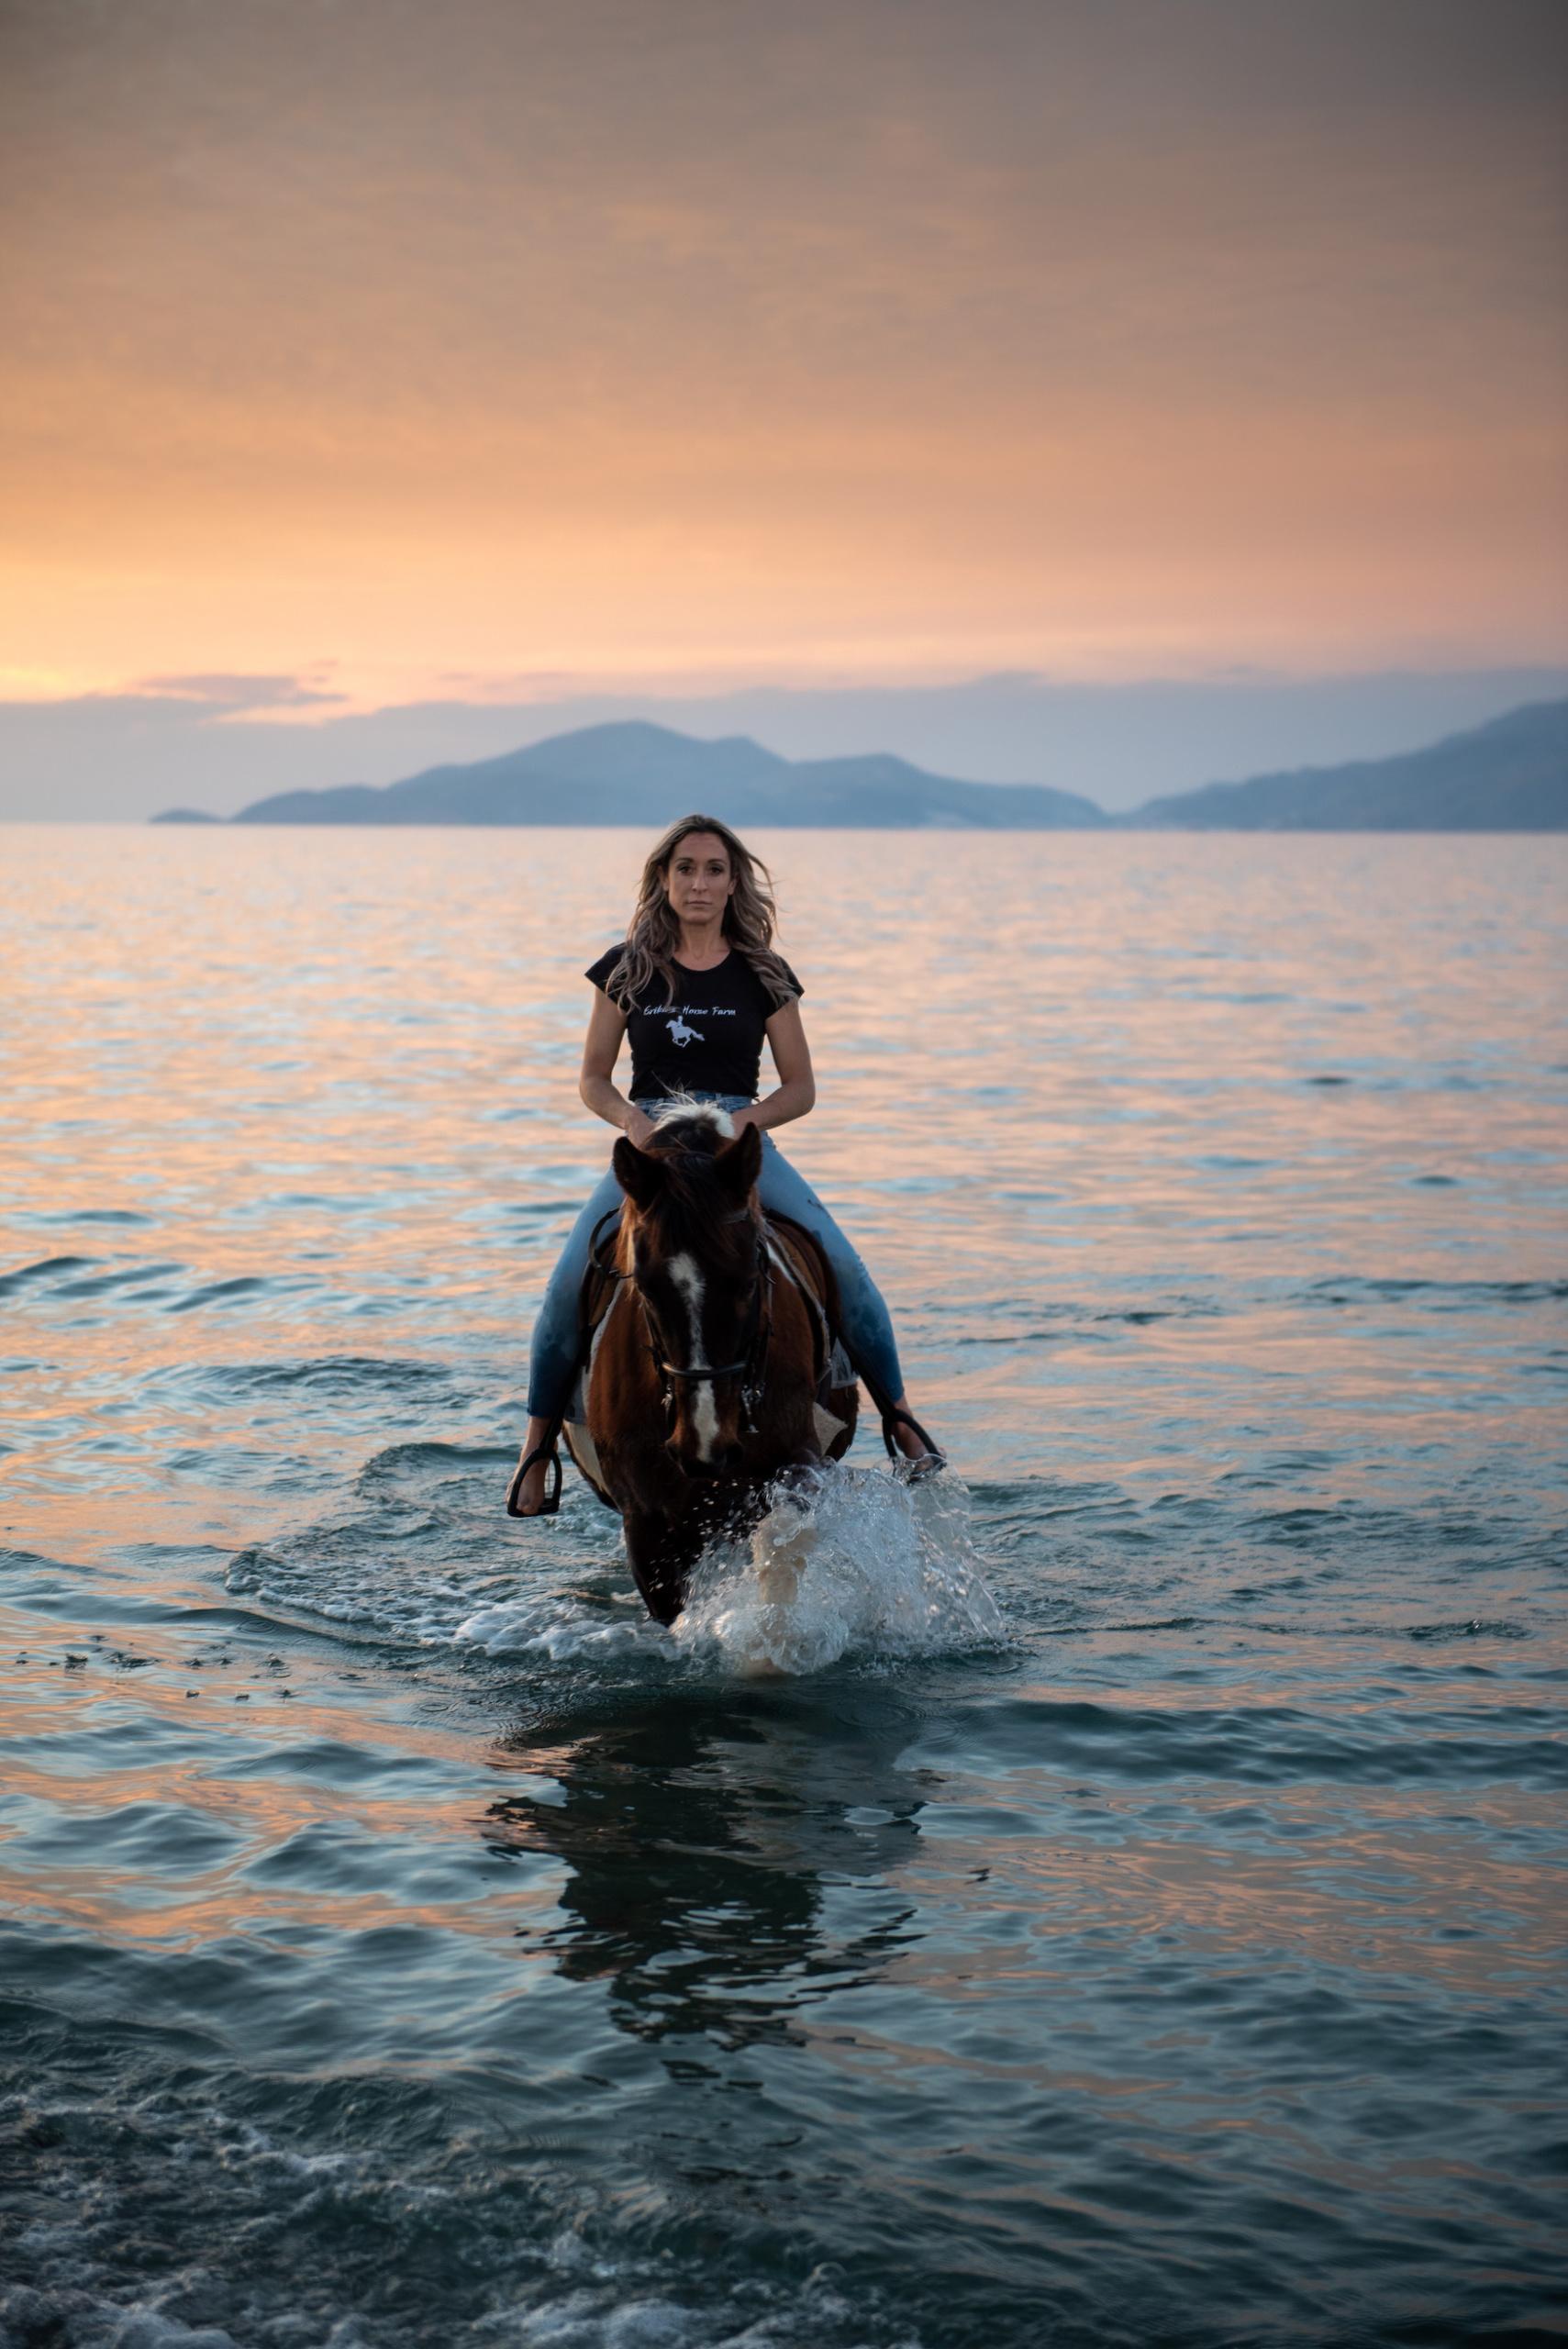 Frau sitzt auf Pferd und reitet durch Wellen bei Sonnenuntergang